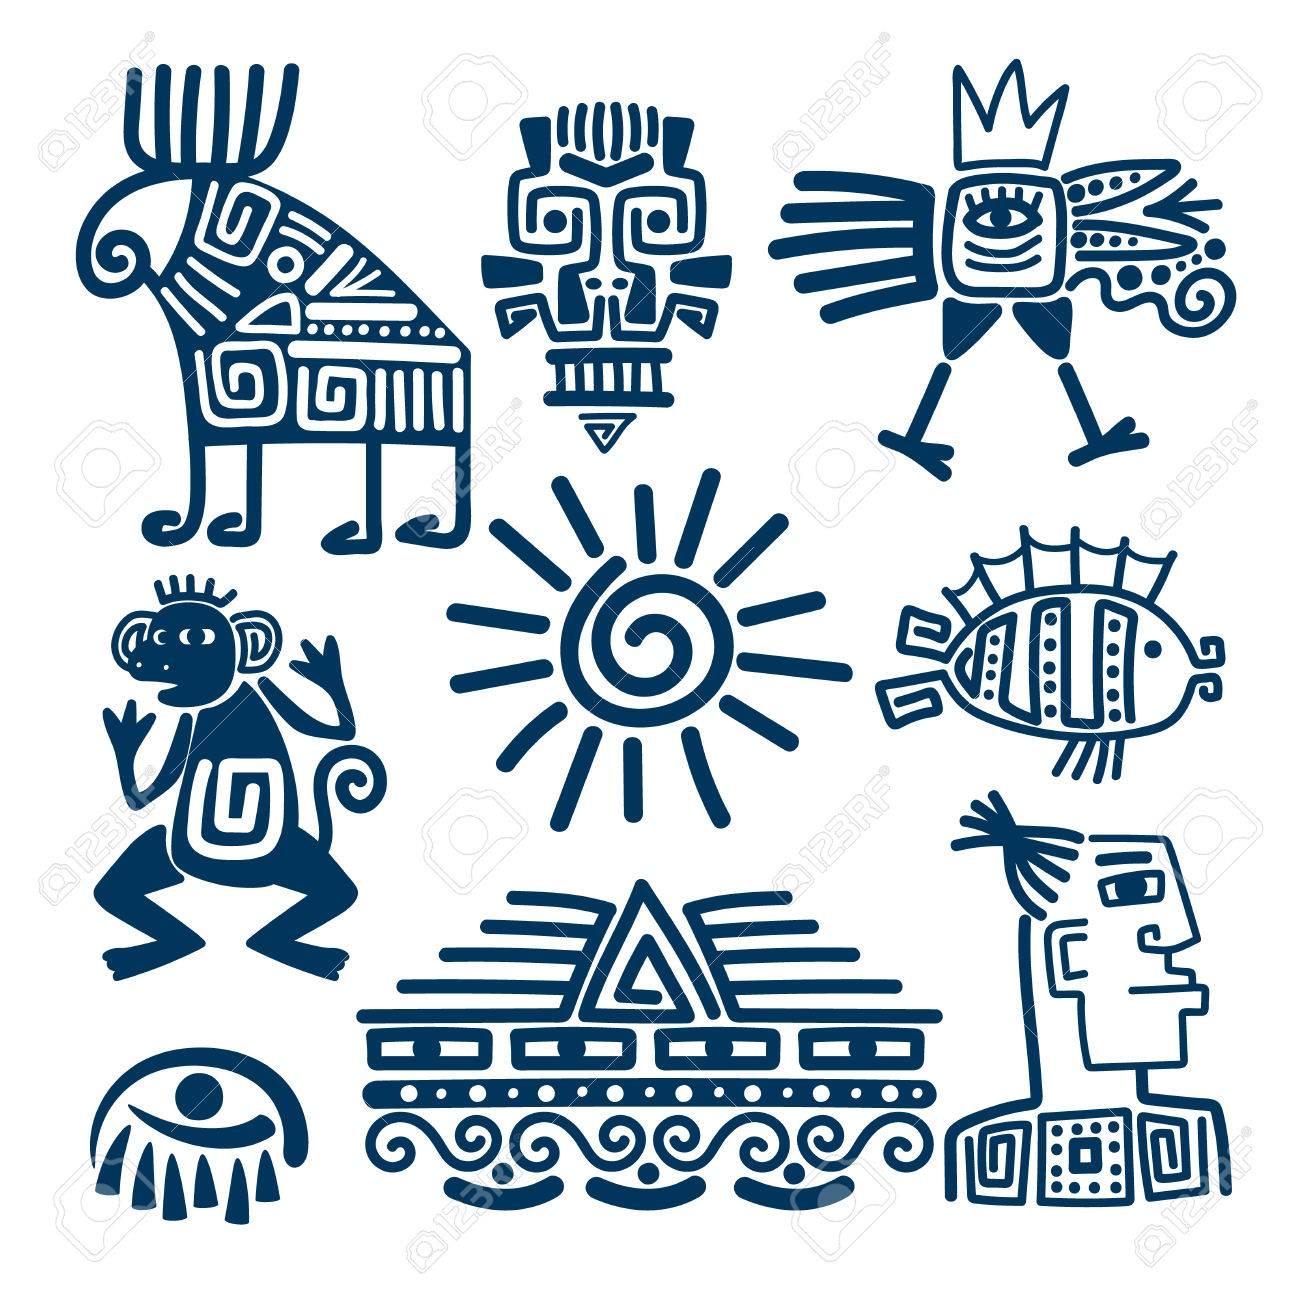 Icônes De Totems Linéaires Maya Ou Inca. Symboles Anciens Aztèques Isolés Sur Fond Blanc. Clip Art Libres De Droits , Vecteurs Et Illustration. Image 78610775.